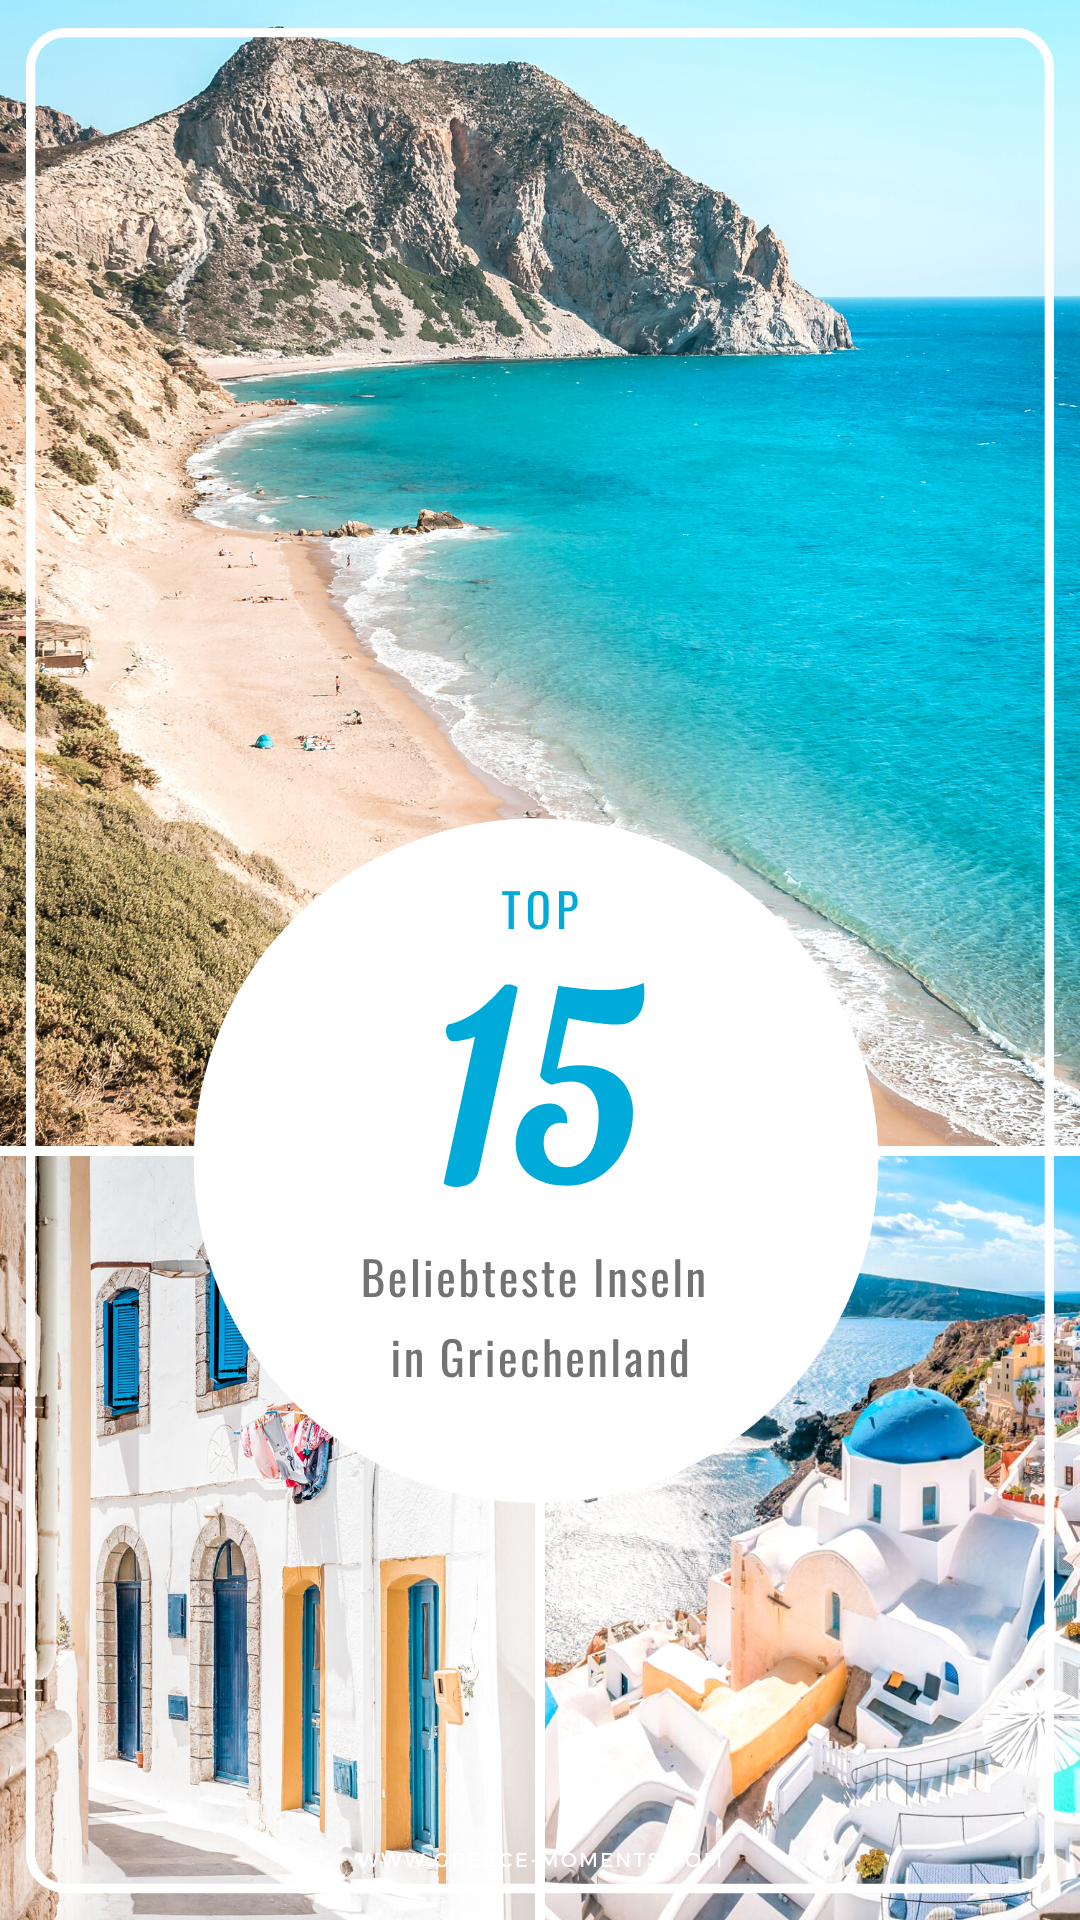 , Schöne Urlaubsziele • Die 15 beliebtesten Griechischen Inseln, My Travels Blog 2020, My Travels Blog 2020